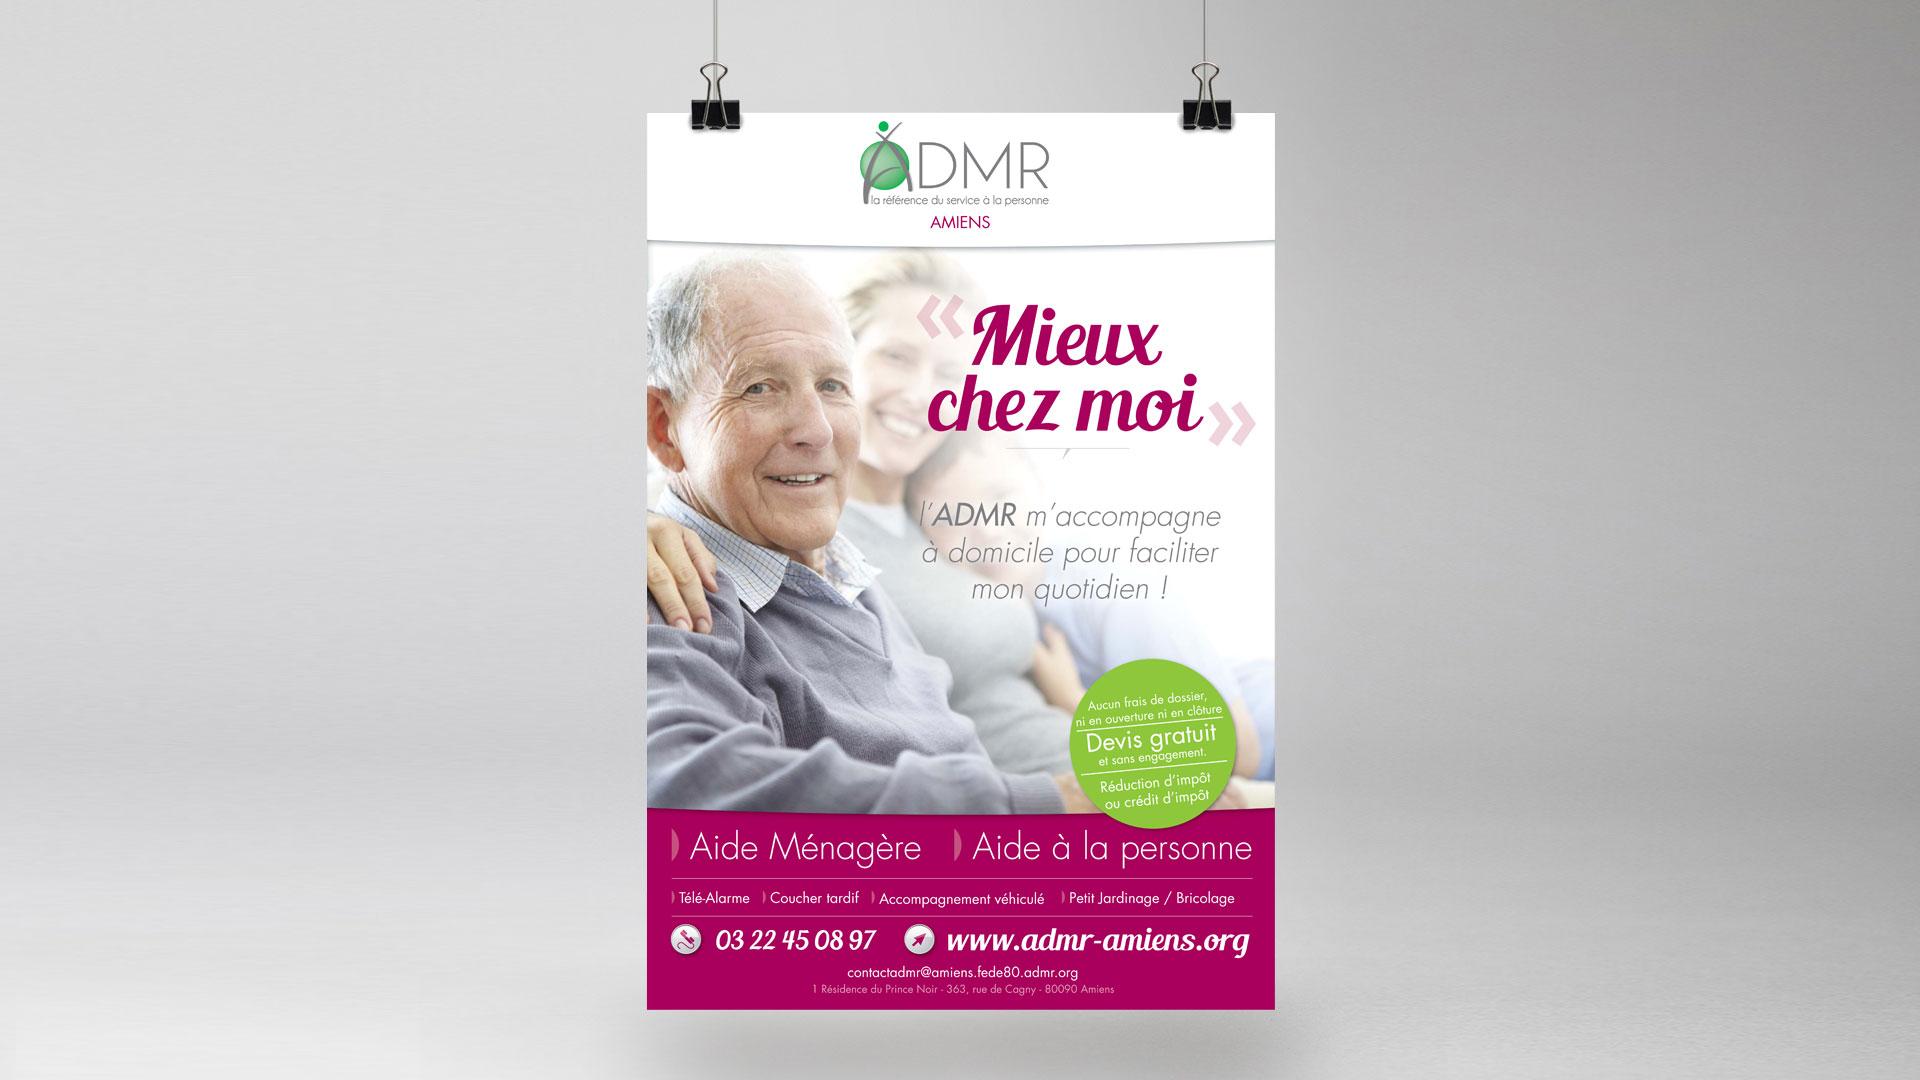 ADMR – Amiens